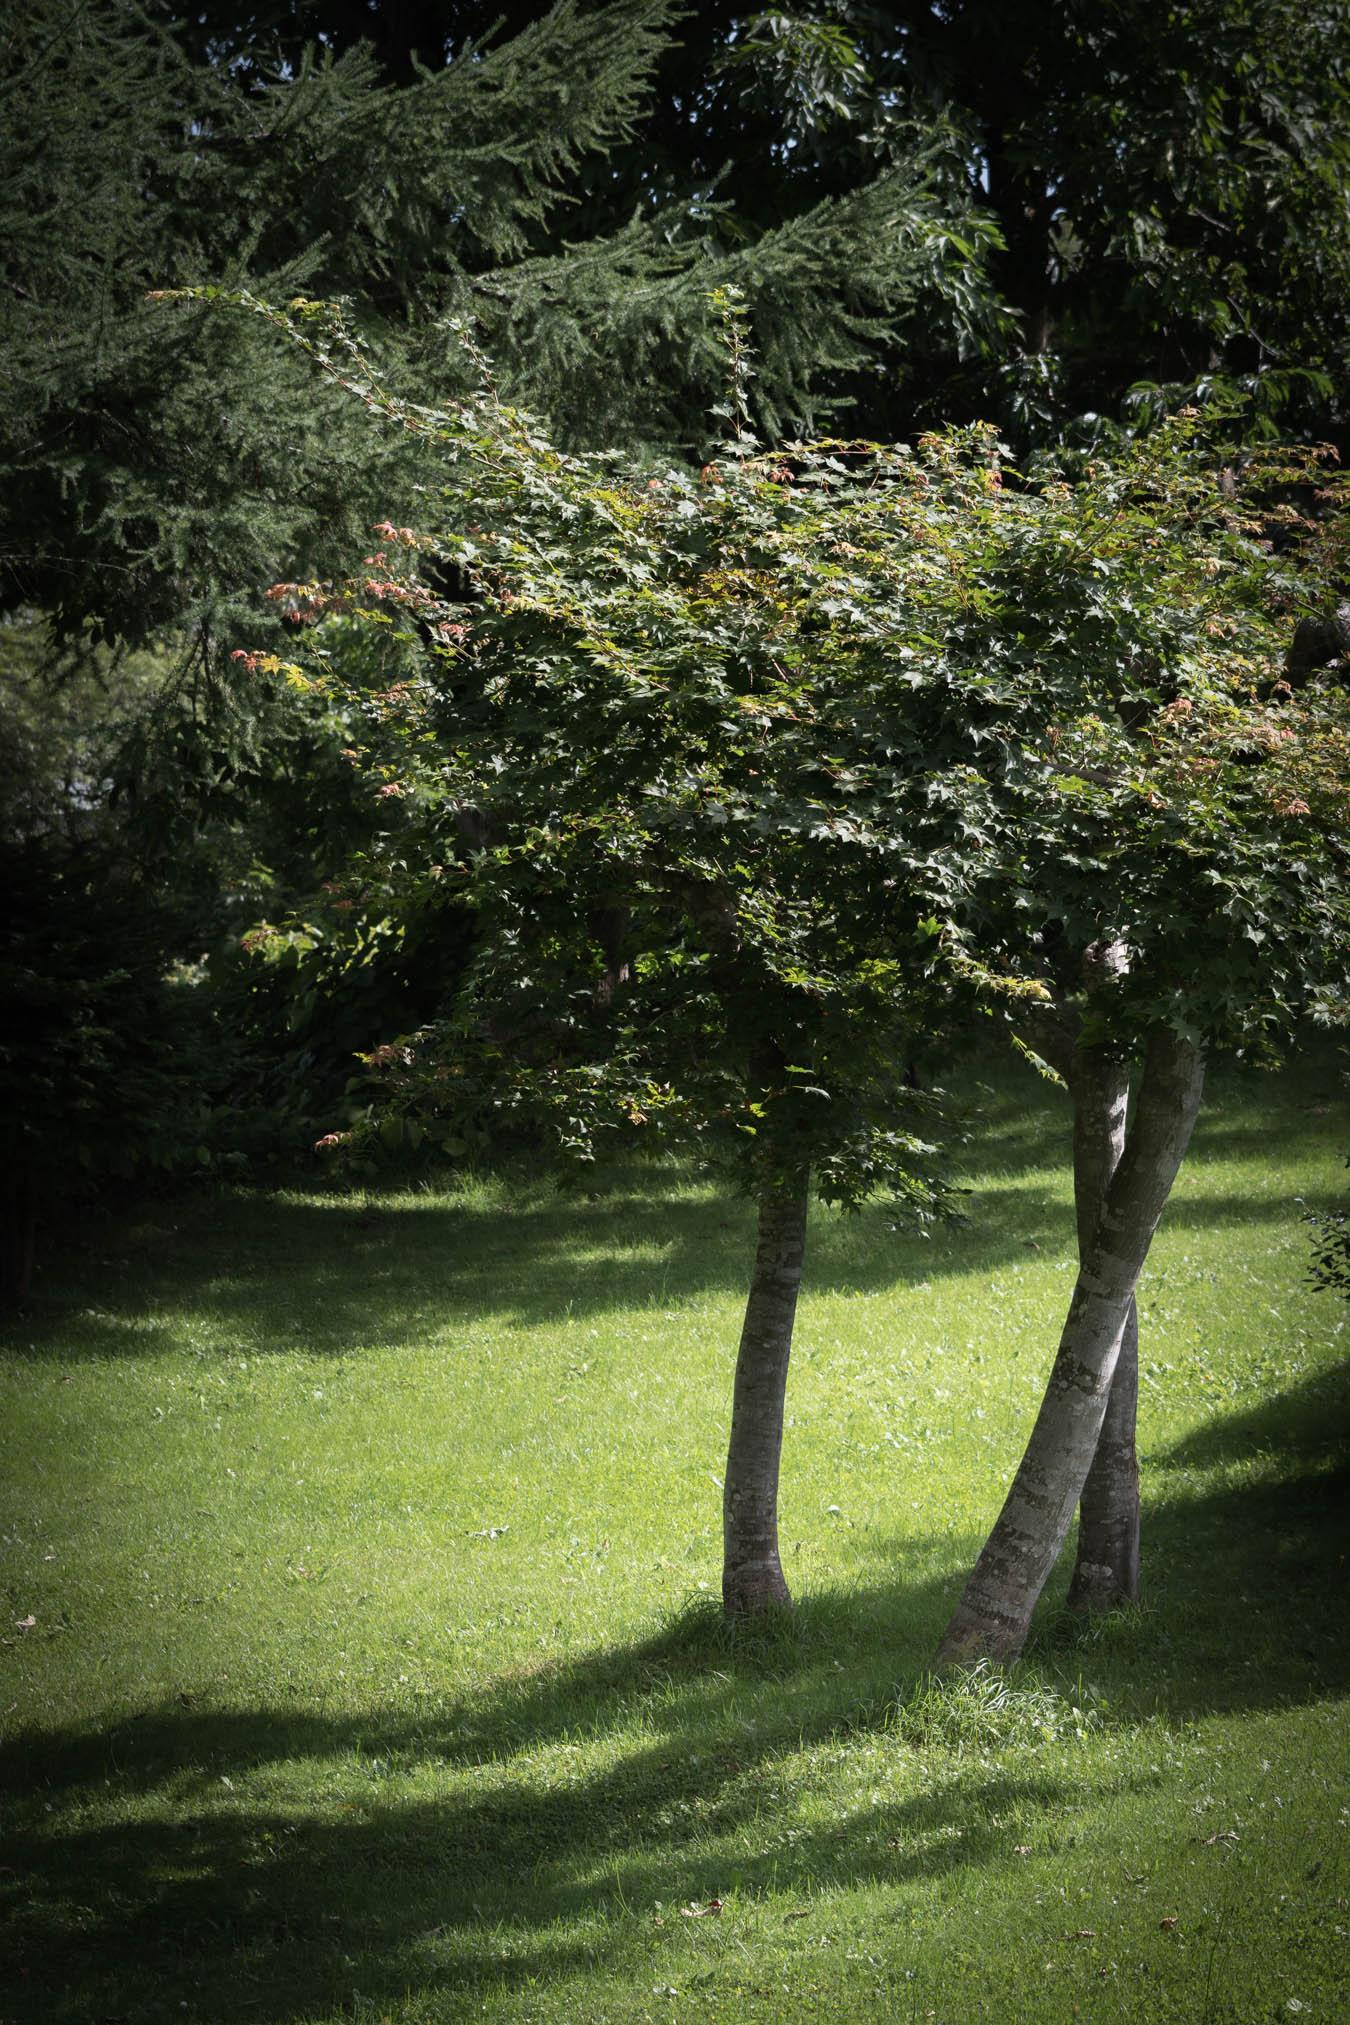 緑の芝に枝を広げる3本の木と、芝に落ちる黒々とした影